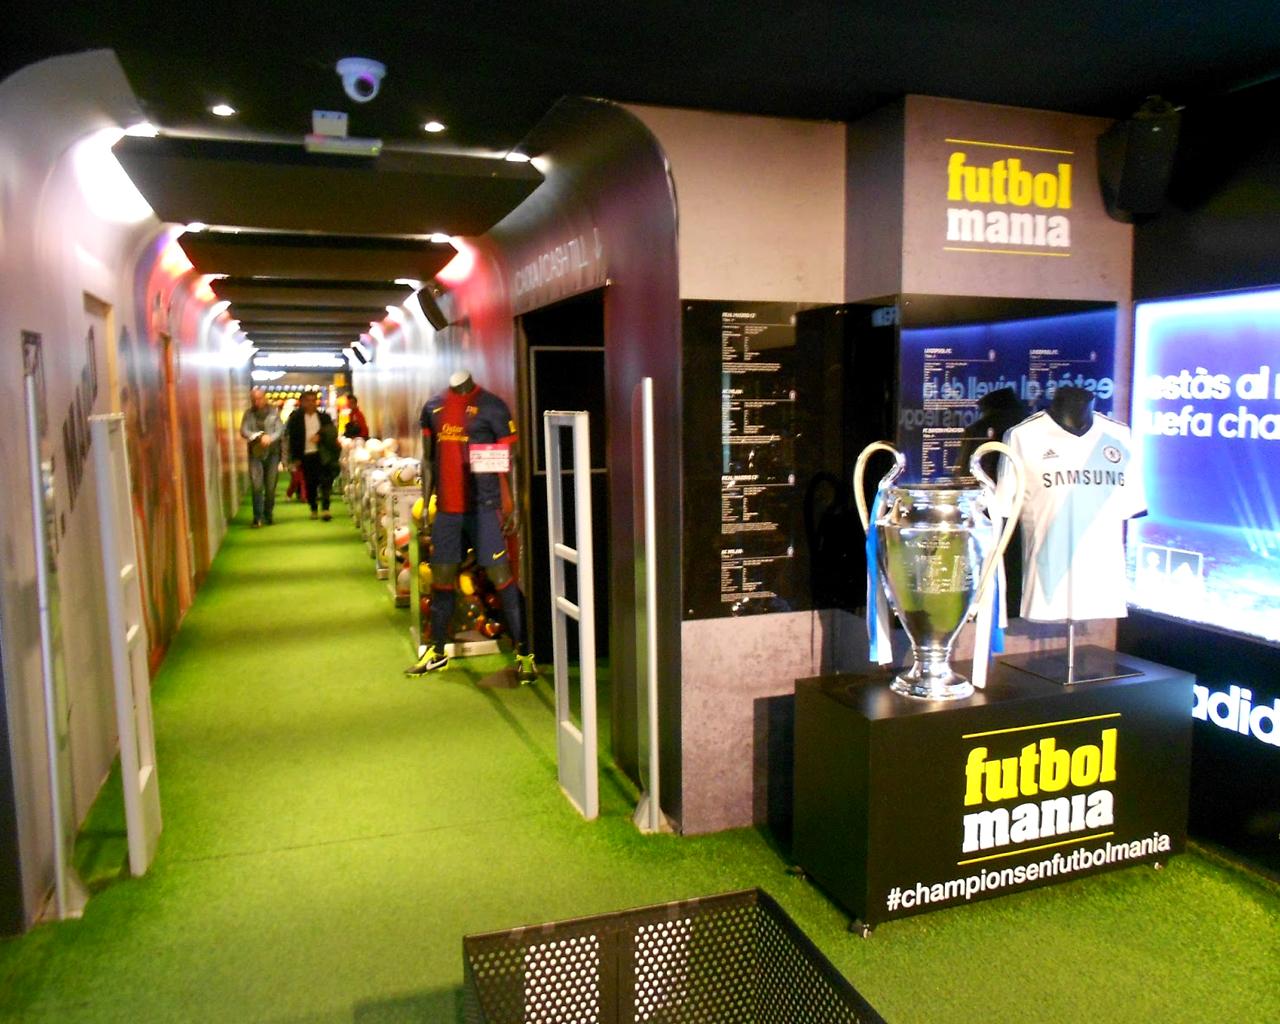 Futbolmania arquimad fusteria gallart s l - Fusteria barcelona ...